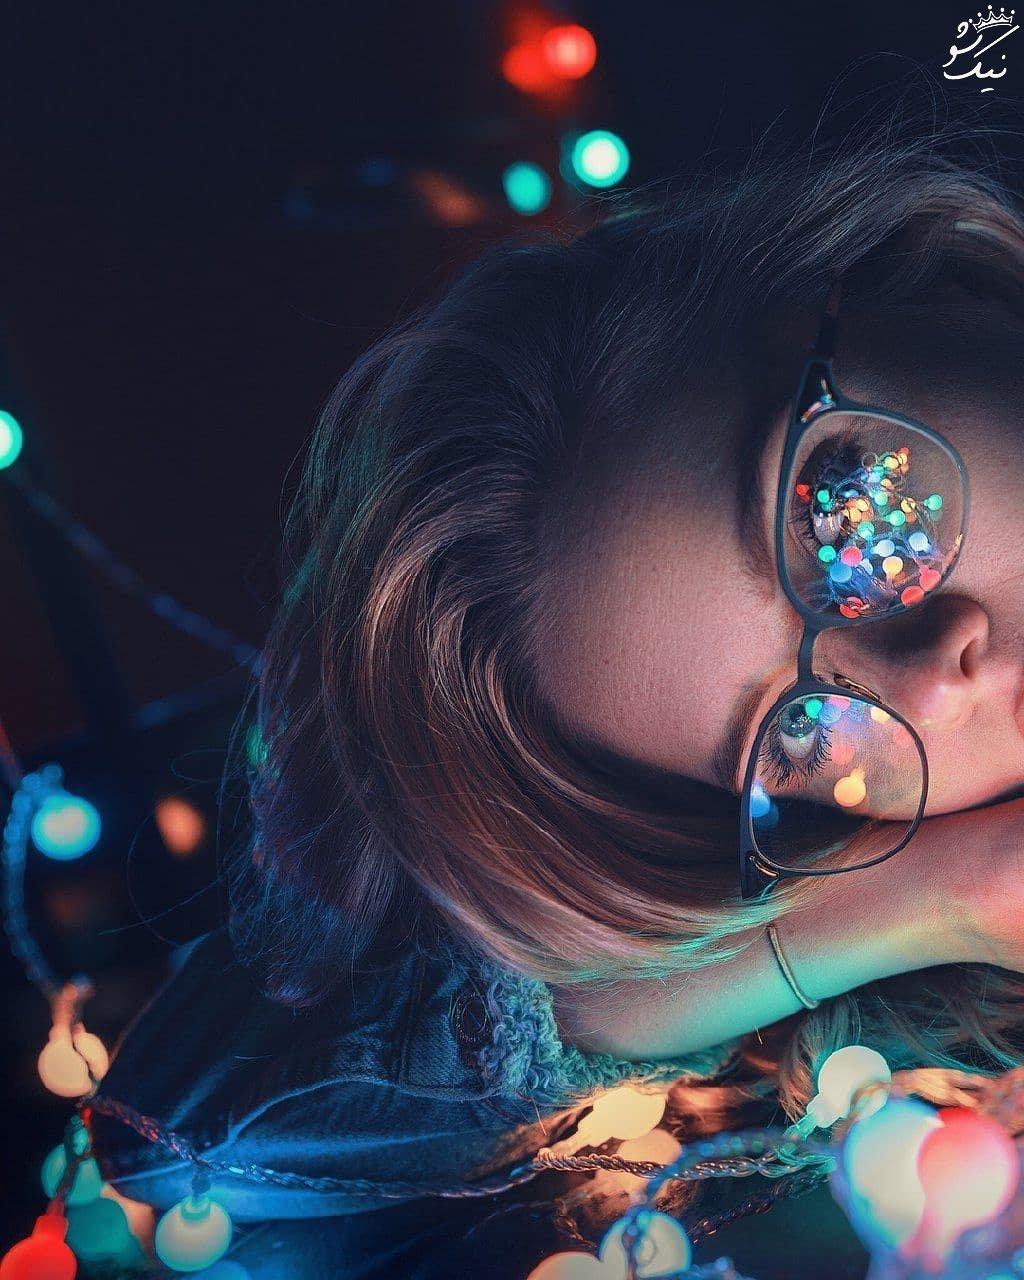 عکس دختر زیبا برای پروفایل | خاص لاکچری فانتزی